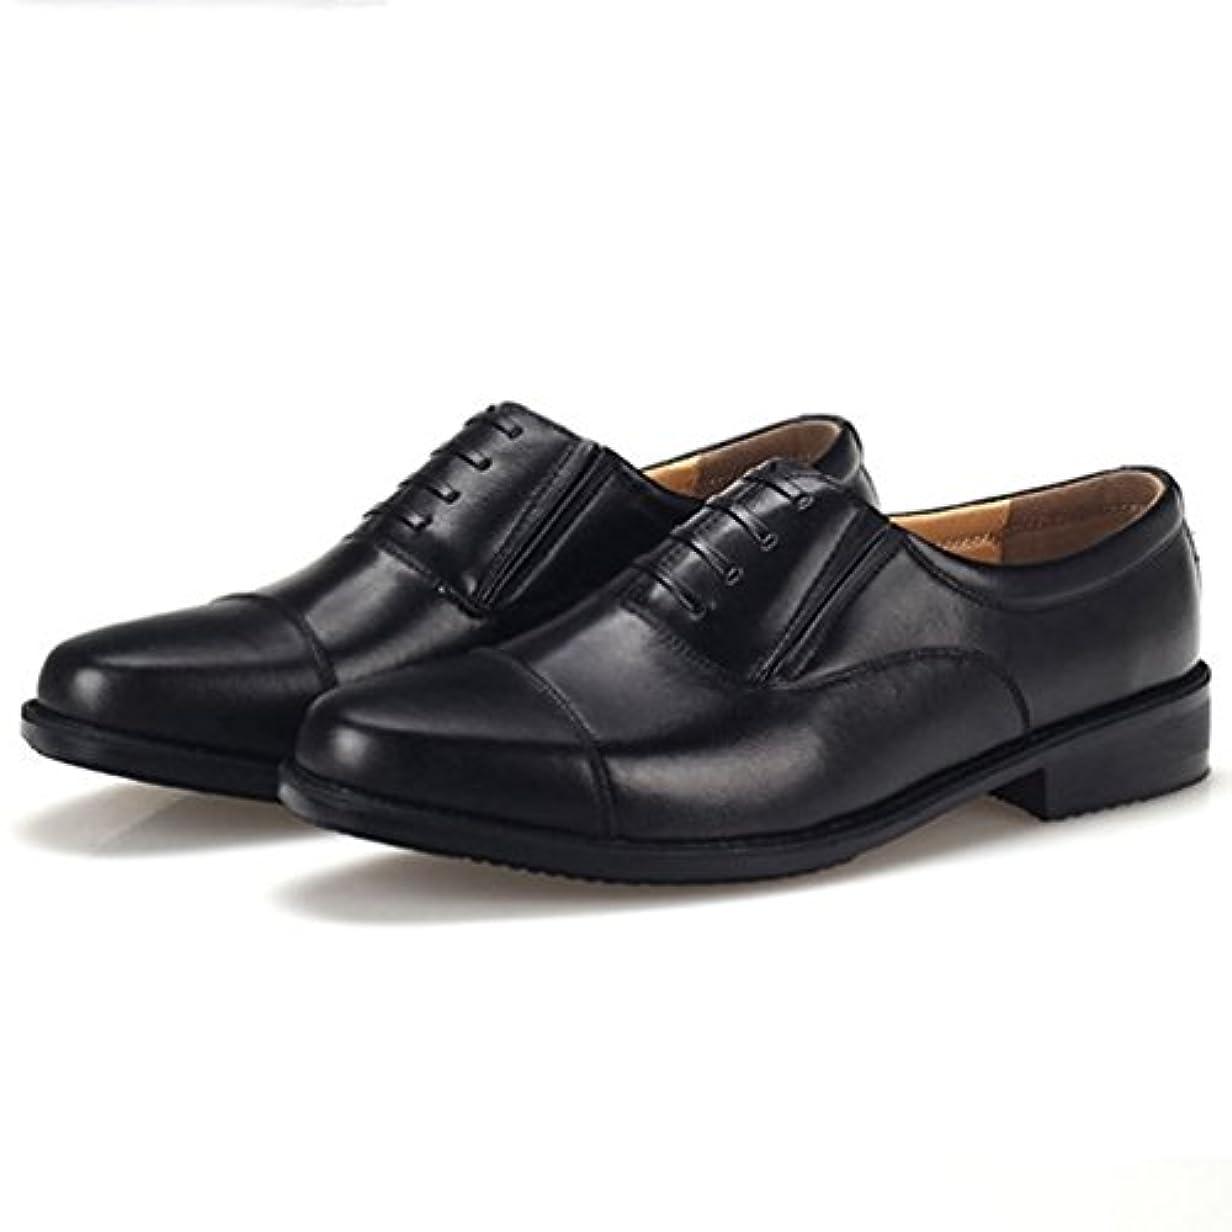 再現するキュービックウェブ[XINXIKEJI]ビジネスシューズ メンズ クラシック フォーマル 革靴 滑り止め 高幅広ビジネスシューズ ラウンド ストレートチップ 透湿 防滑 防水